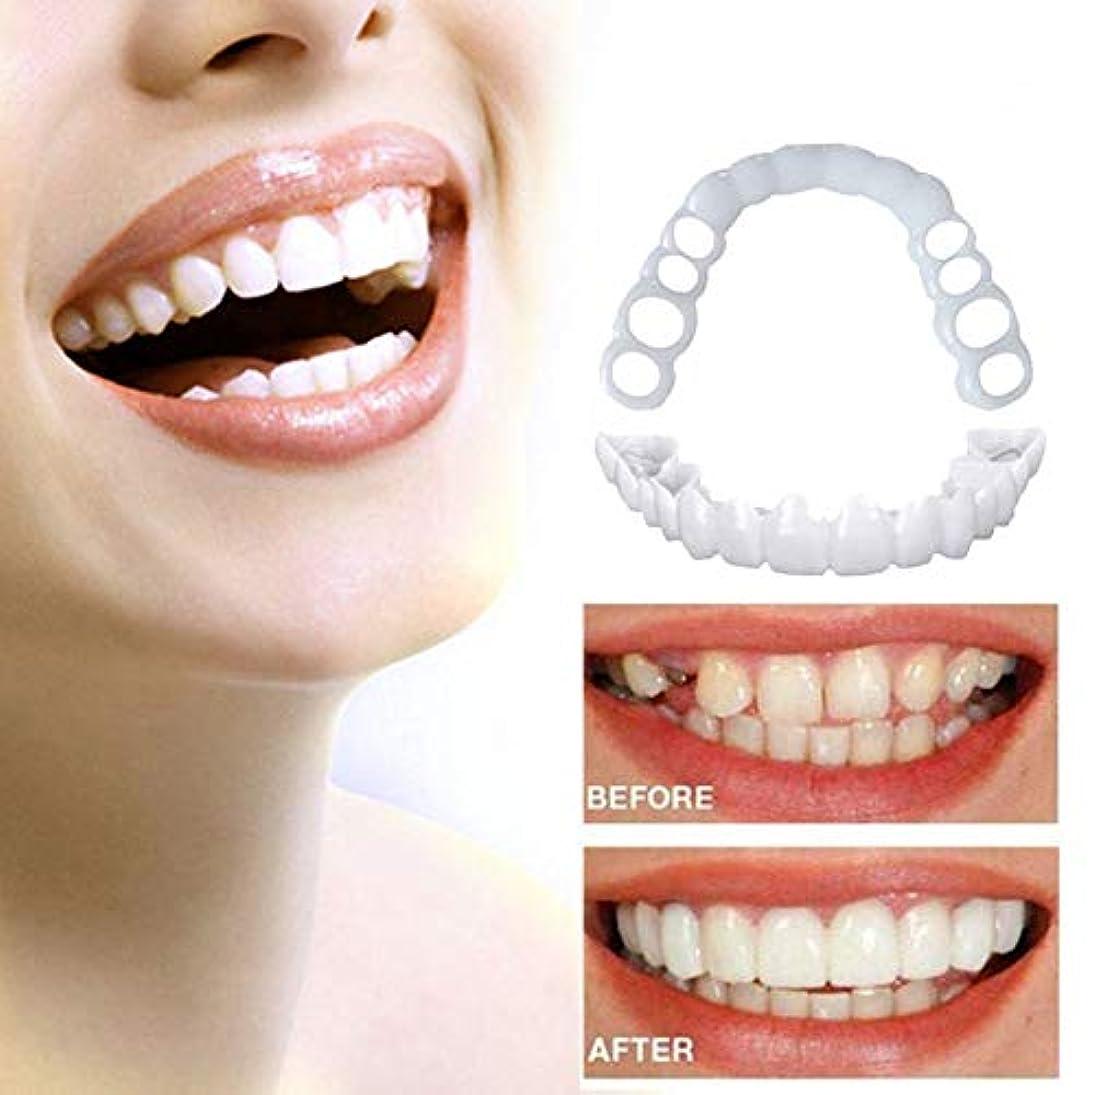 リーガン使役チャット素朴な義歯入れ歯ホワイトニングインスタントパーフェクトスマイルトップとボトム快適なスナップオンフェイクトゥースカバー模擬歯男性用女性(2本)